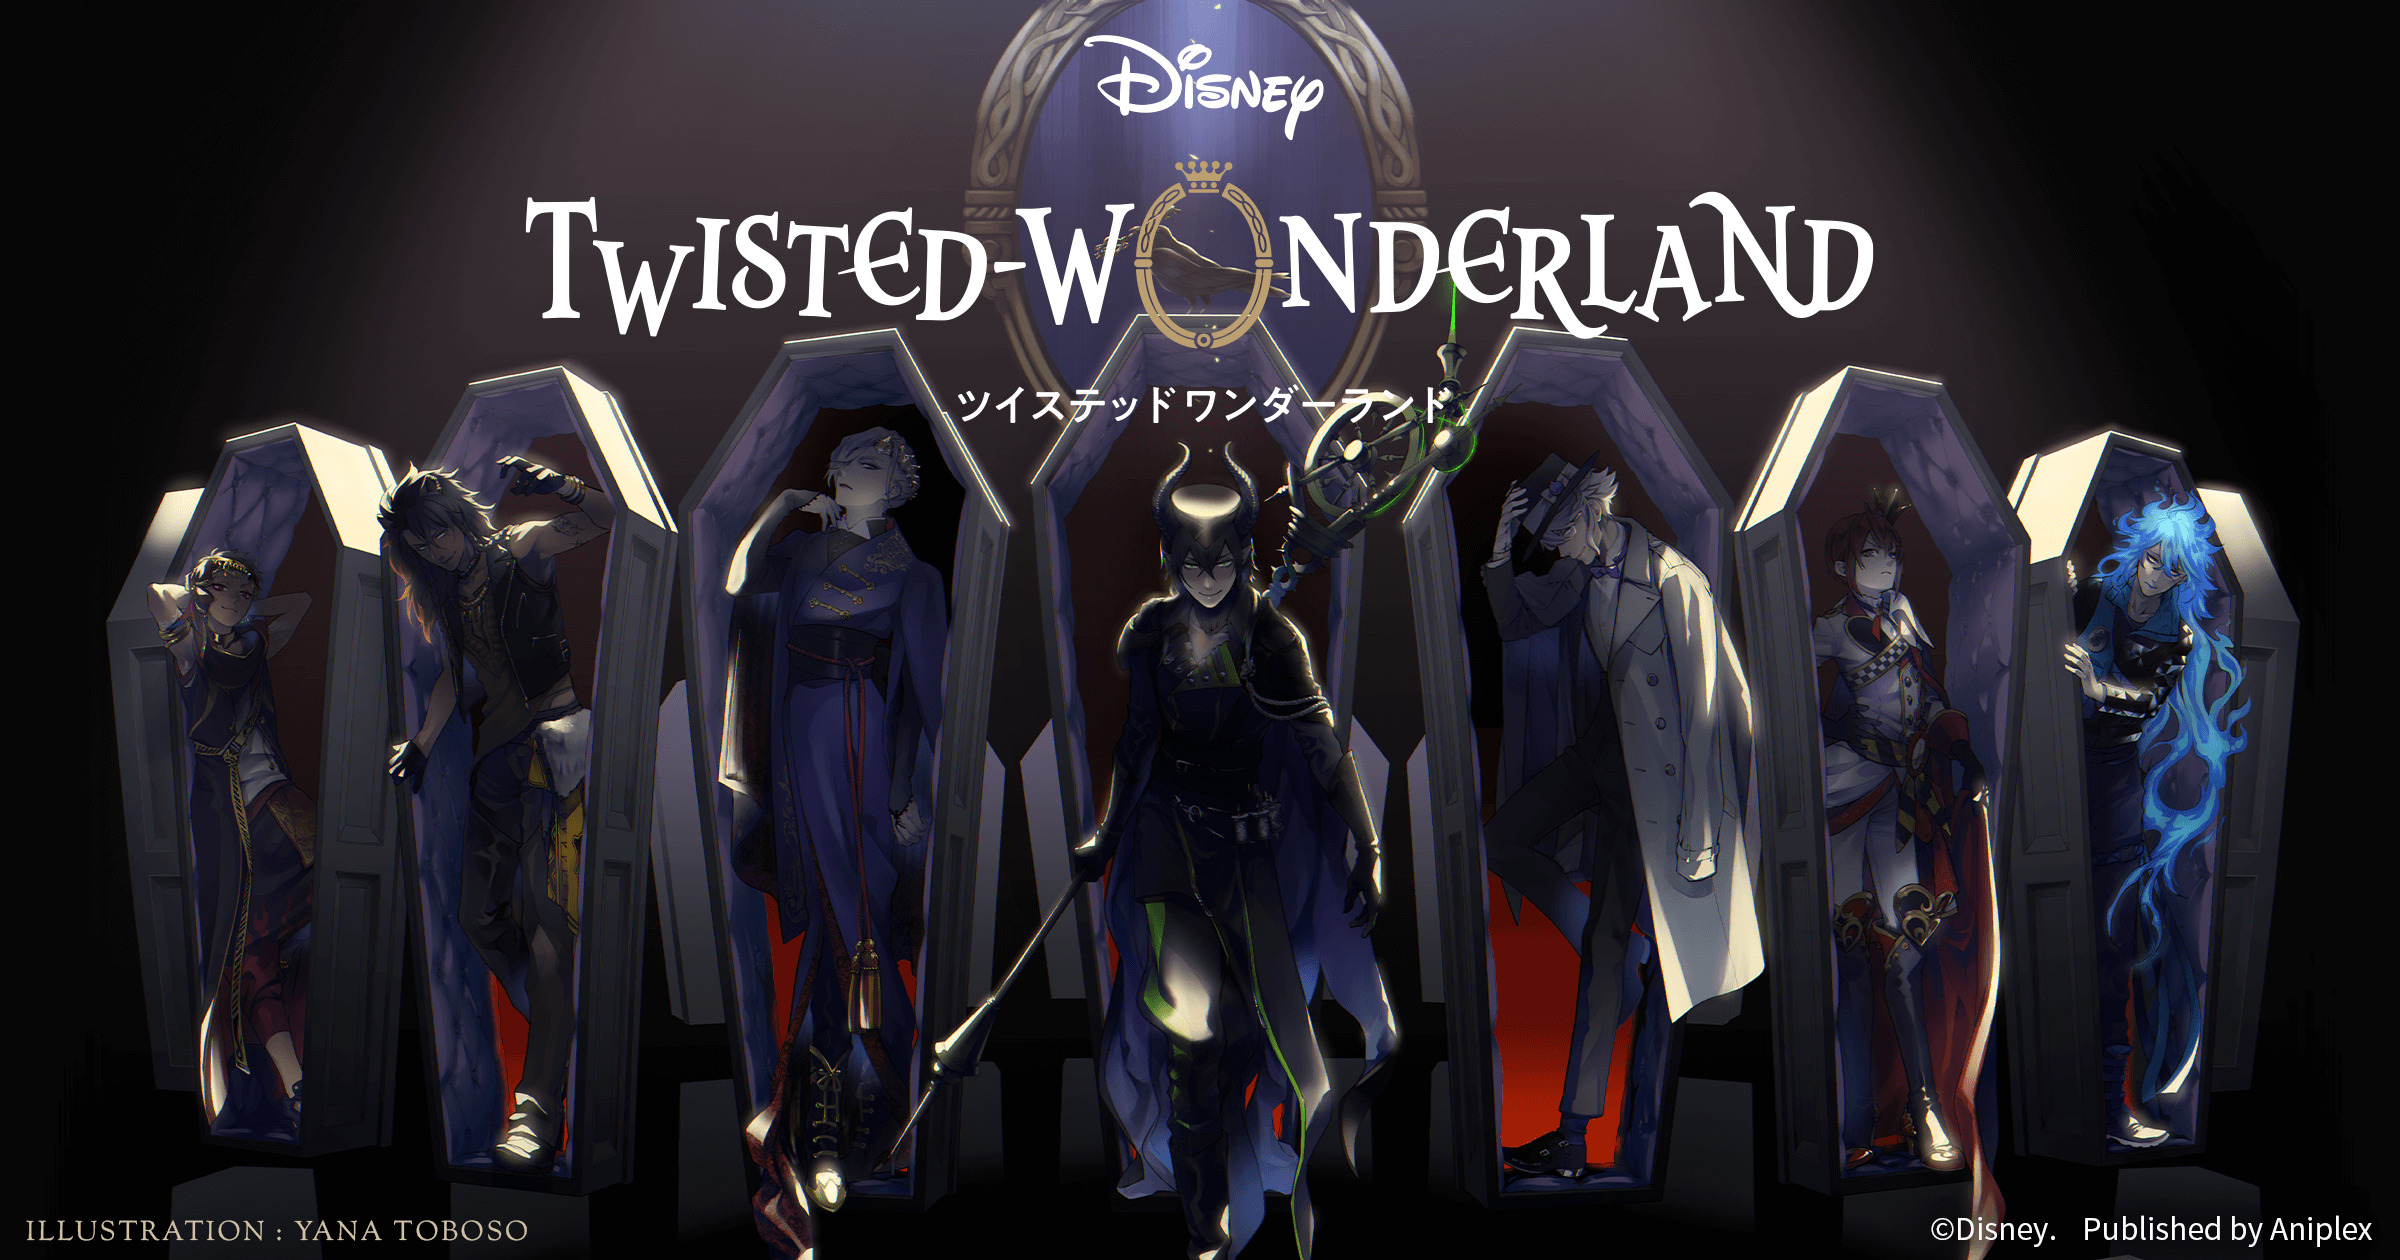 『ディズニー ツイステッドワンダーランド』の注目ツイート 2021年3月号